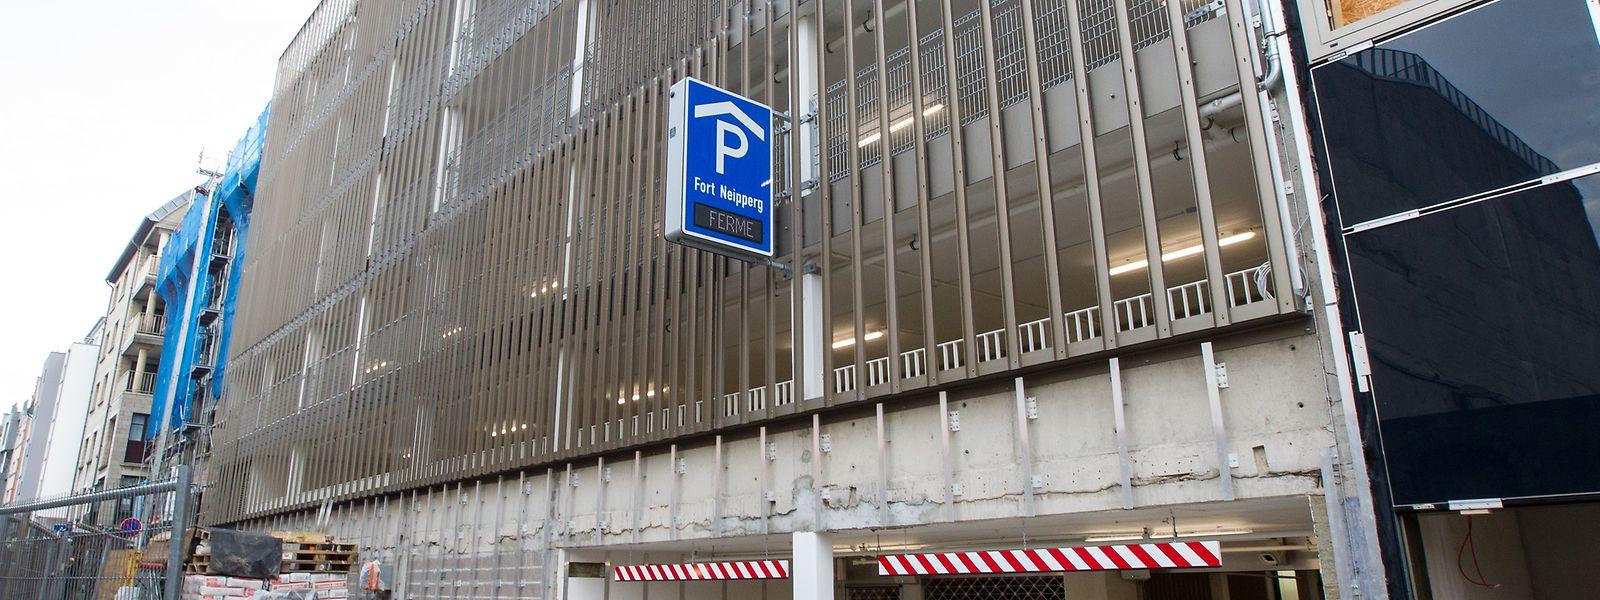 Modernisé, le parking Neipperg offrira moins de places que précédemment mais des emplacements plus larges.